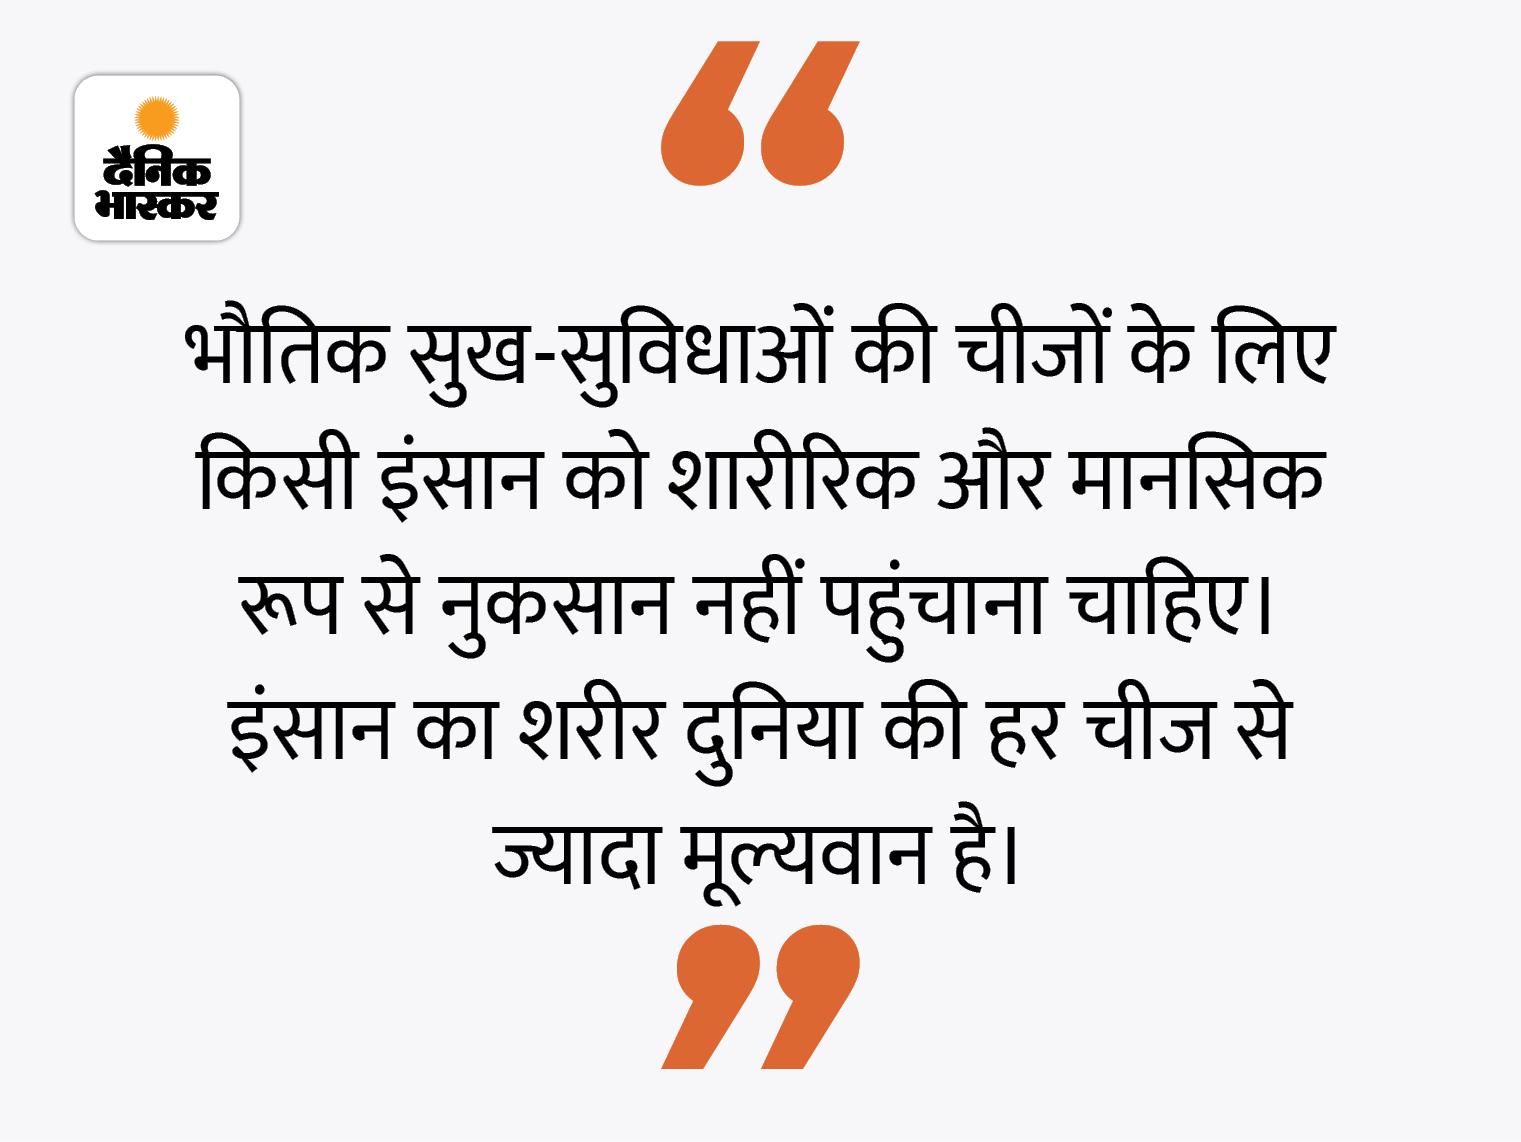 इंसान के शरीर का खून और इसका एक-एक अंग बहुत मूल्यवान है, इसलिए किसी को नुकसान न पहुंचाएं|धर्म,Dharm - Dainik Bhaskar